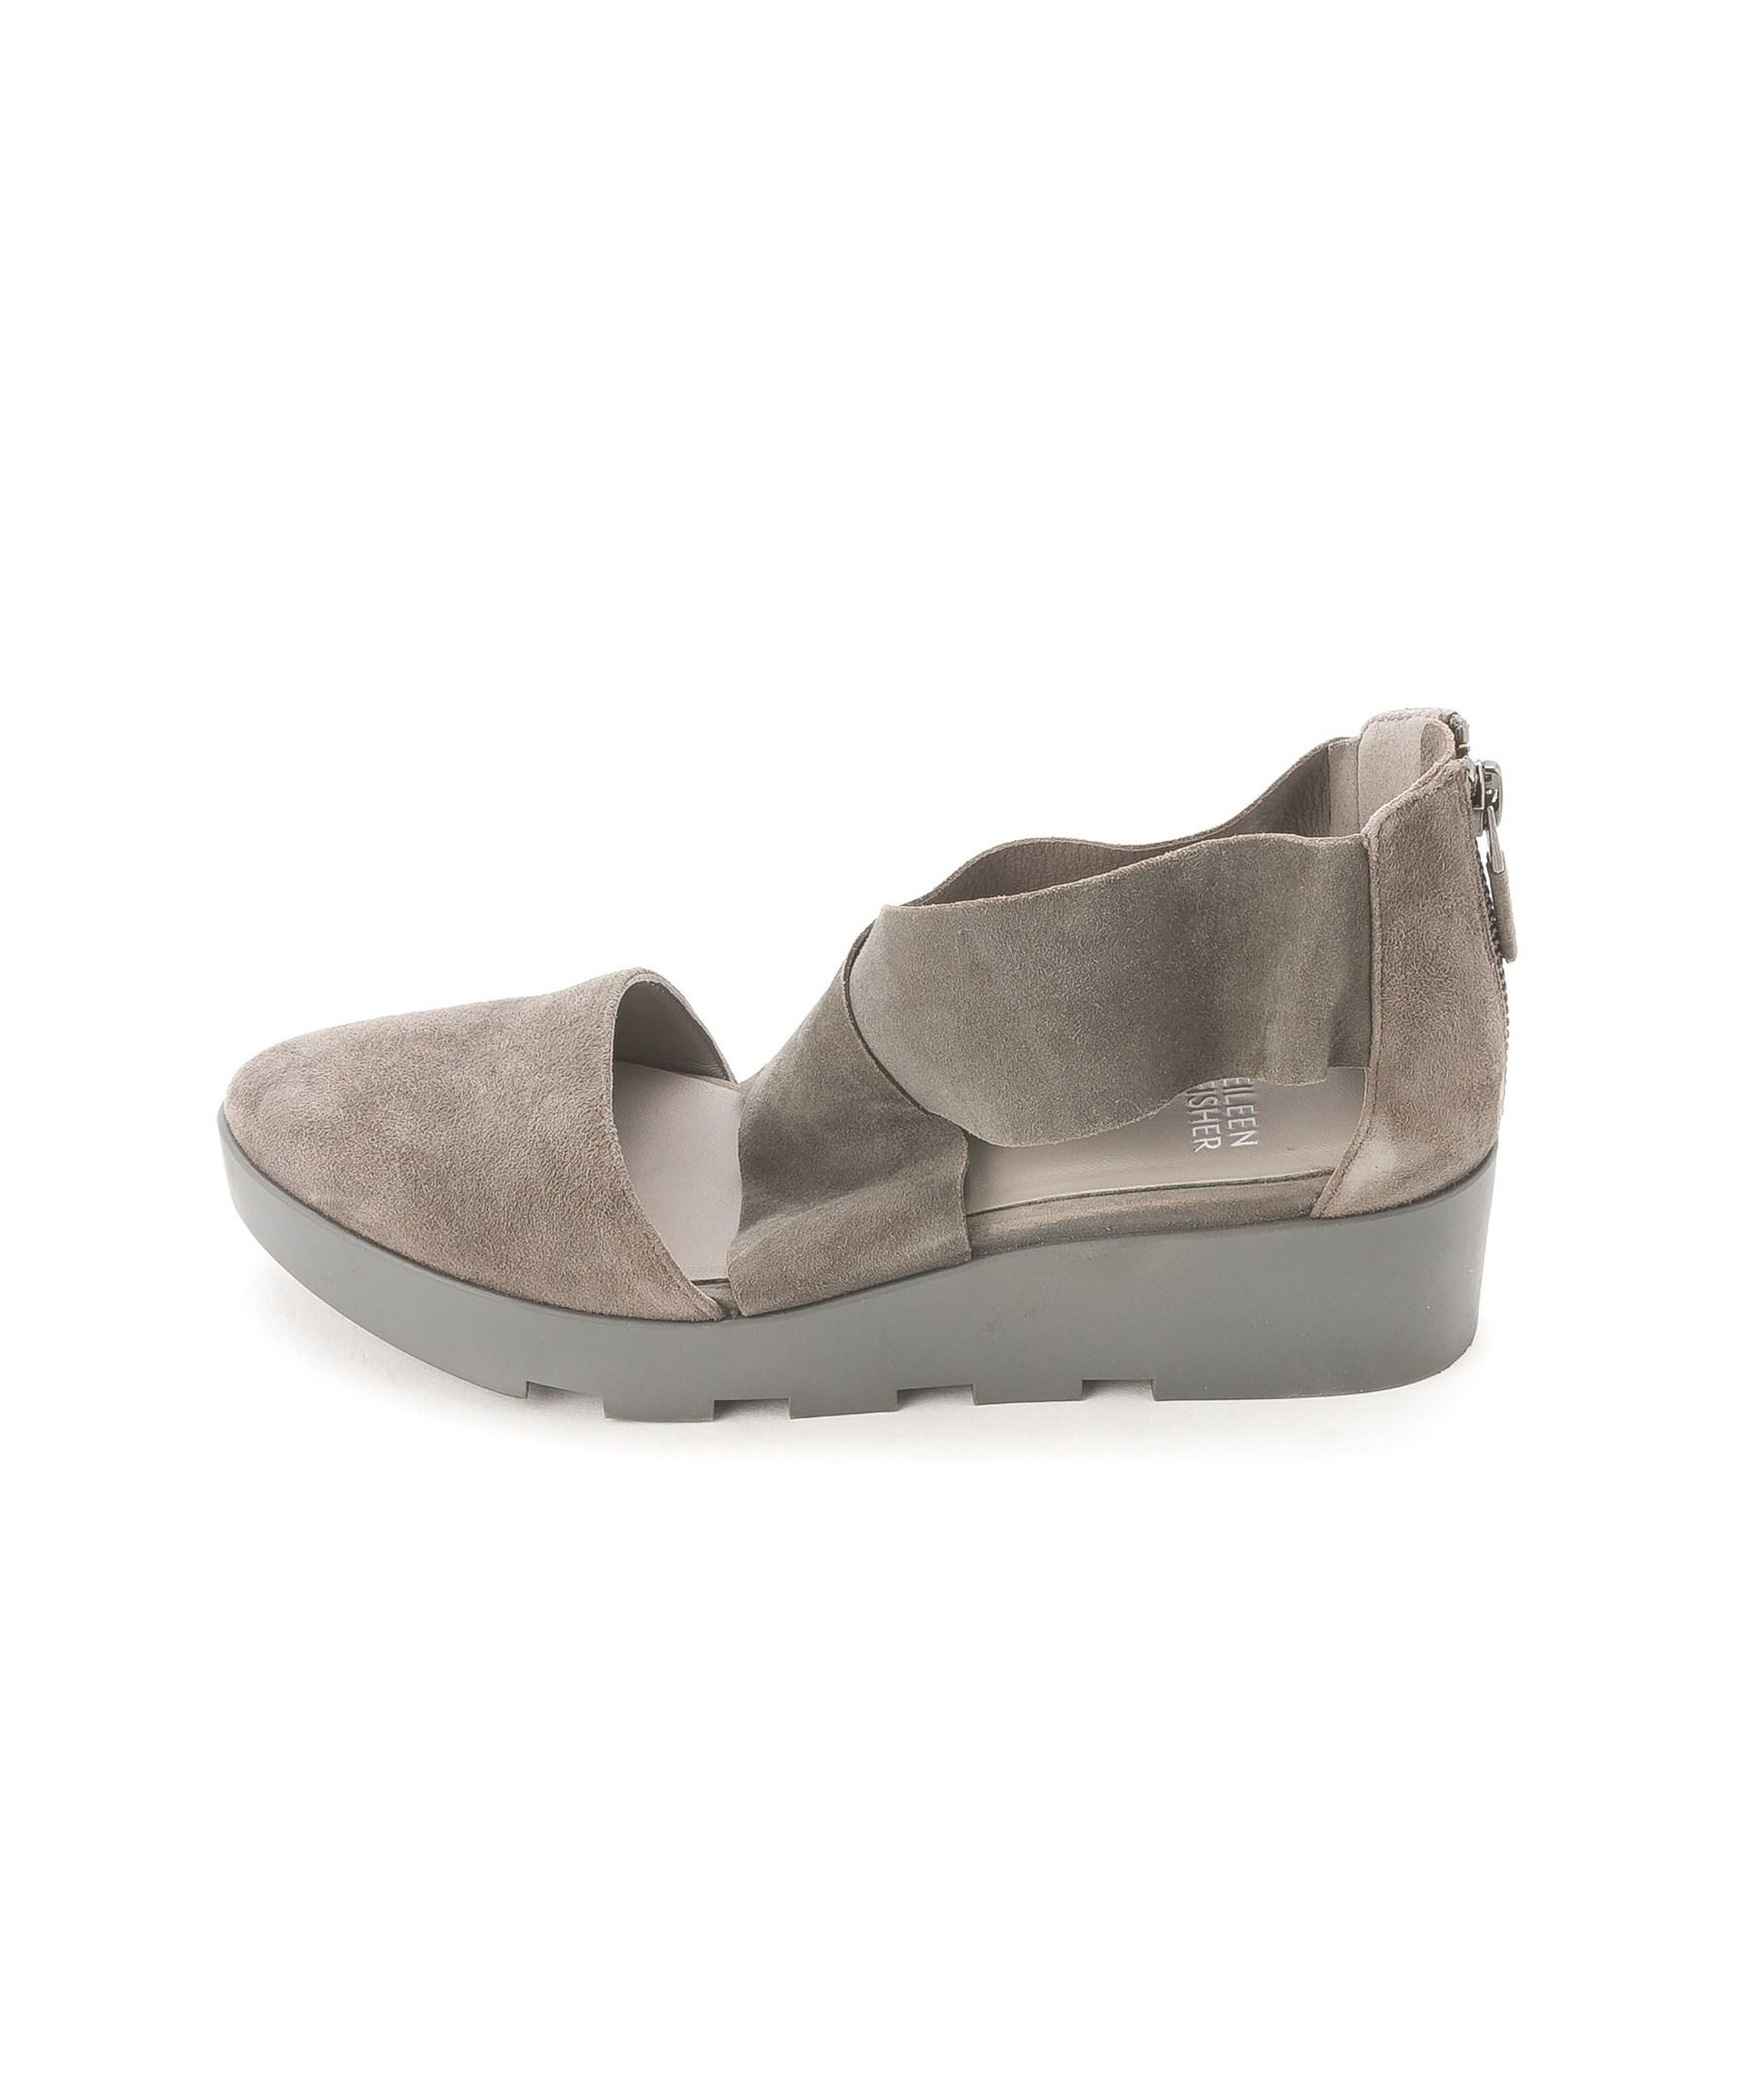 Dansko Type Shoes